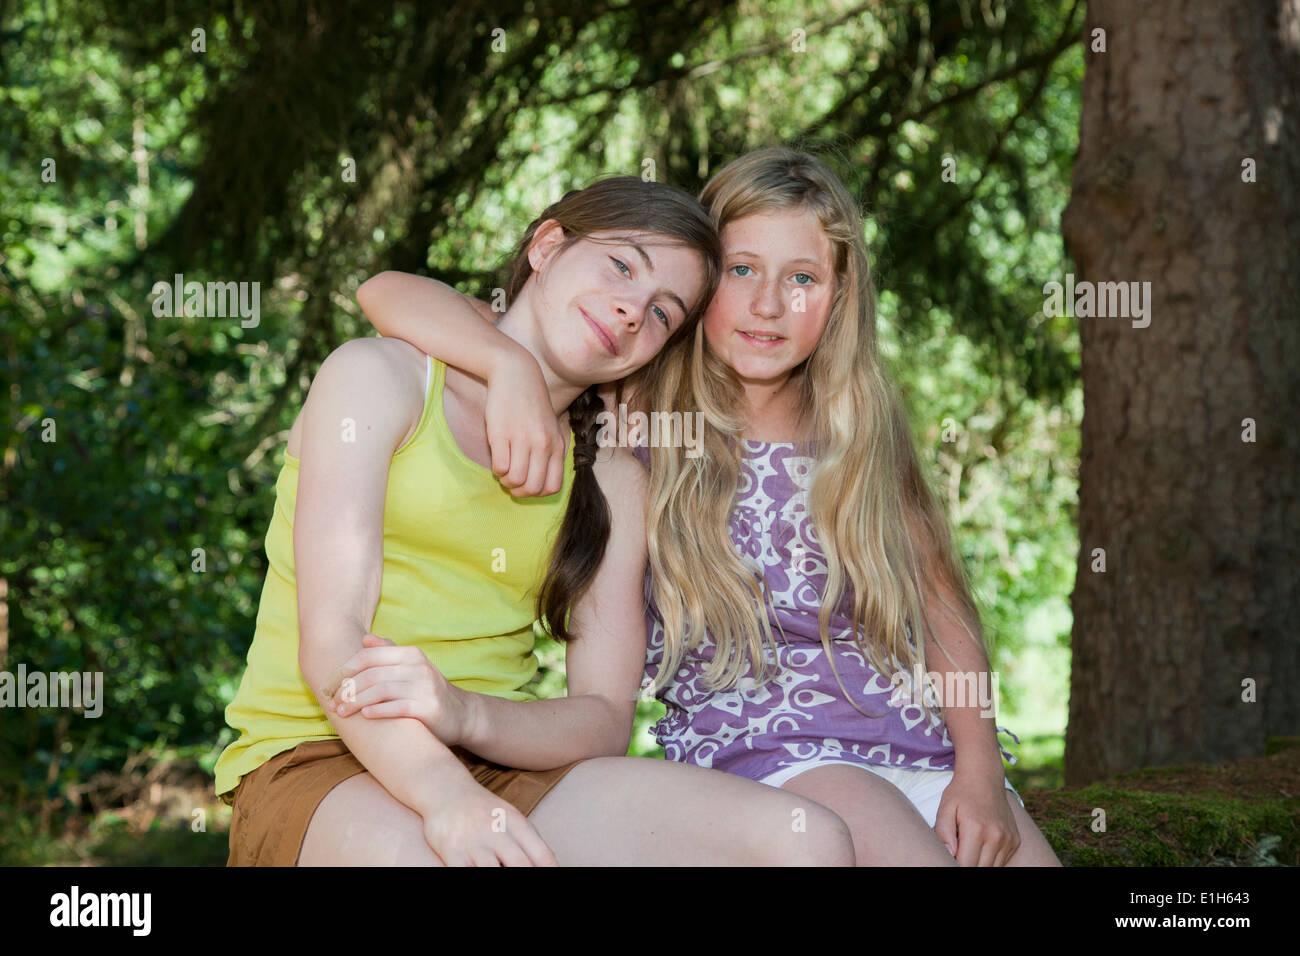 Los adolescentes sentados en el jardín con brazo alrededor Imagen De Stock